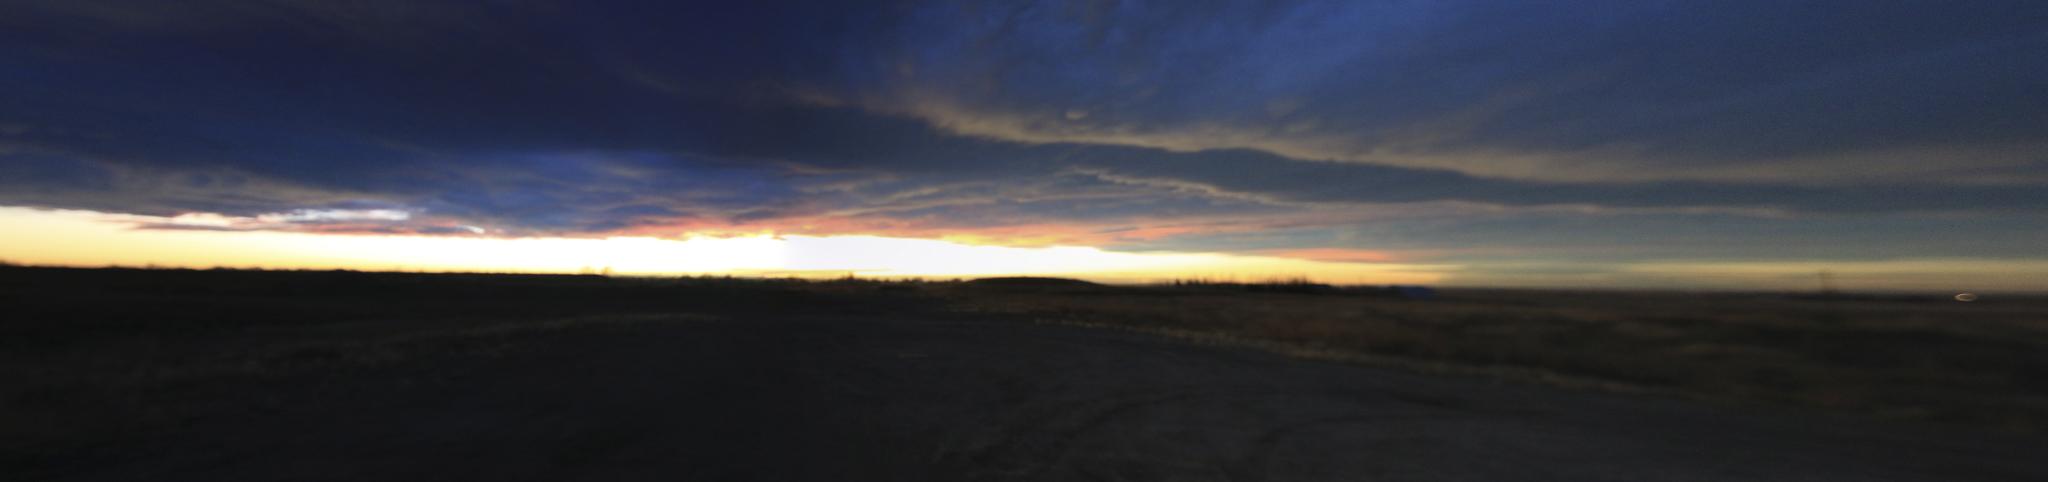 Alberta Sunset _ Doug Boyce